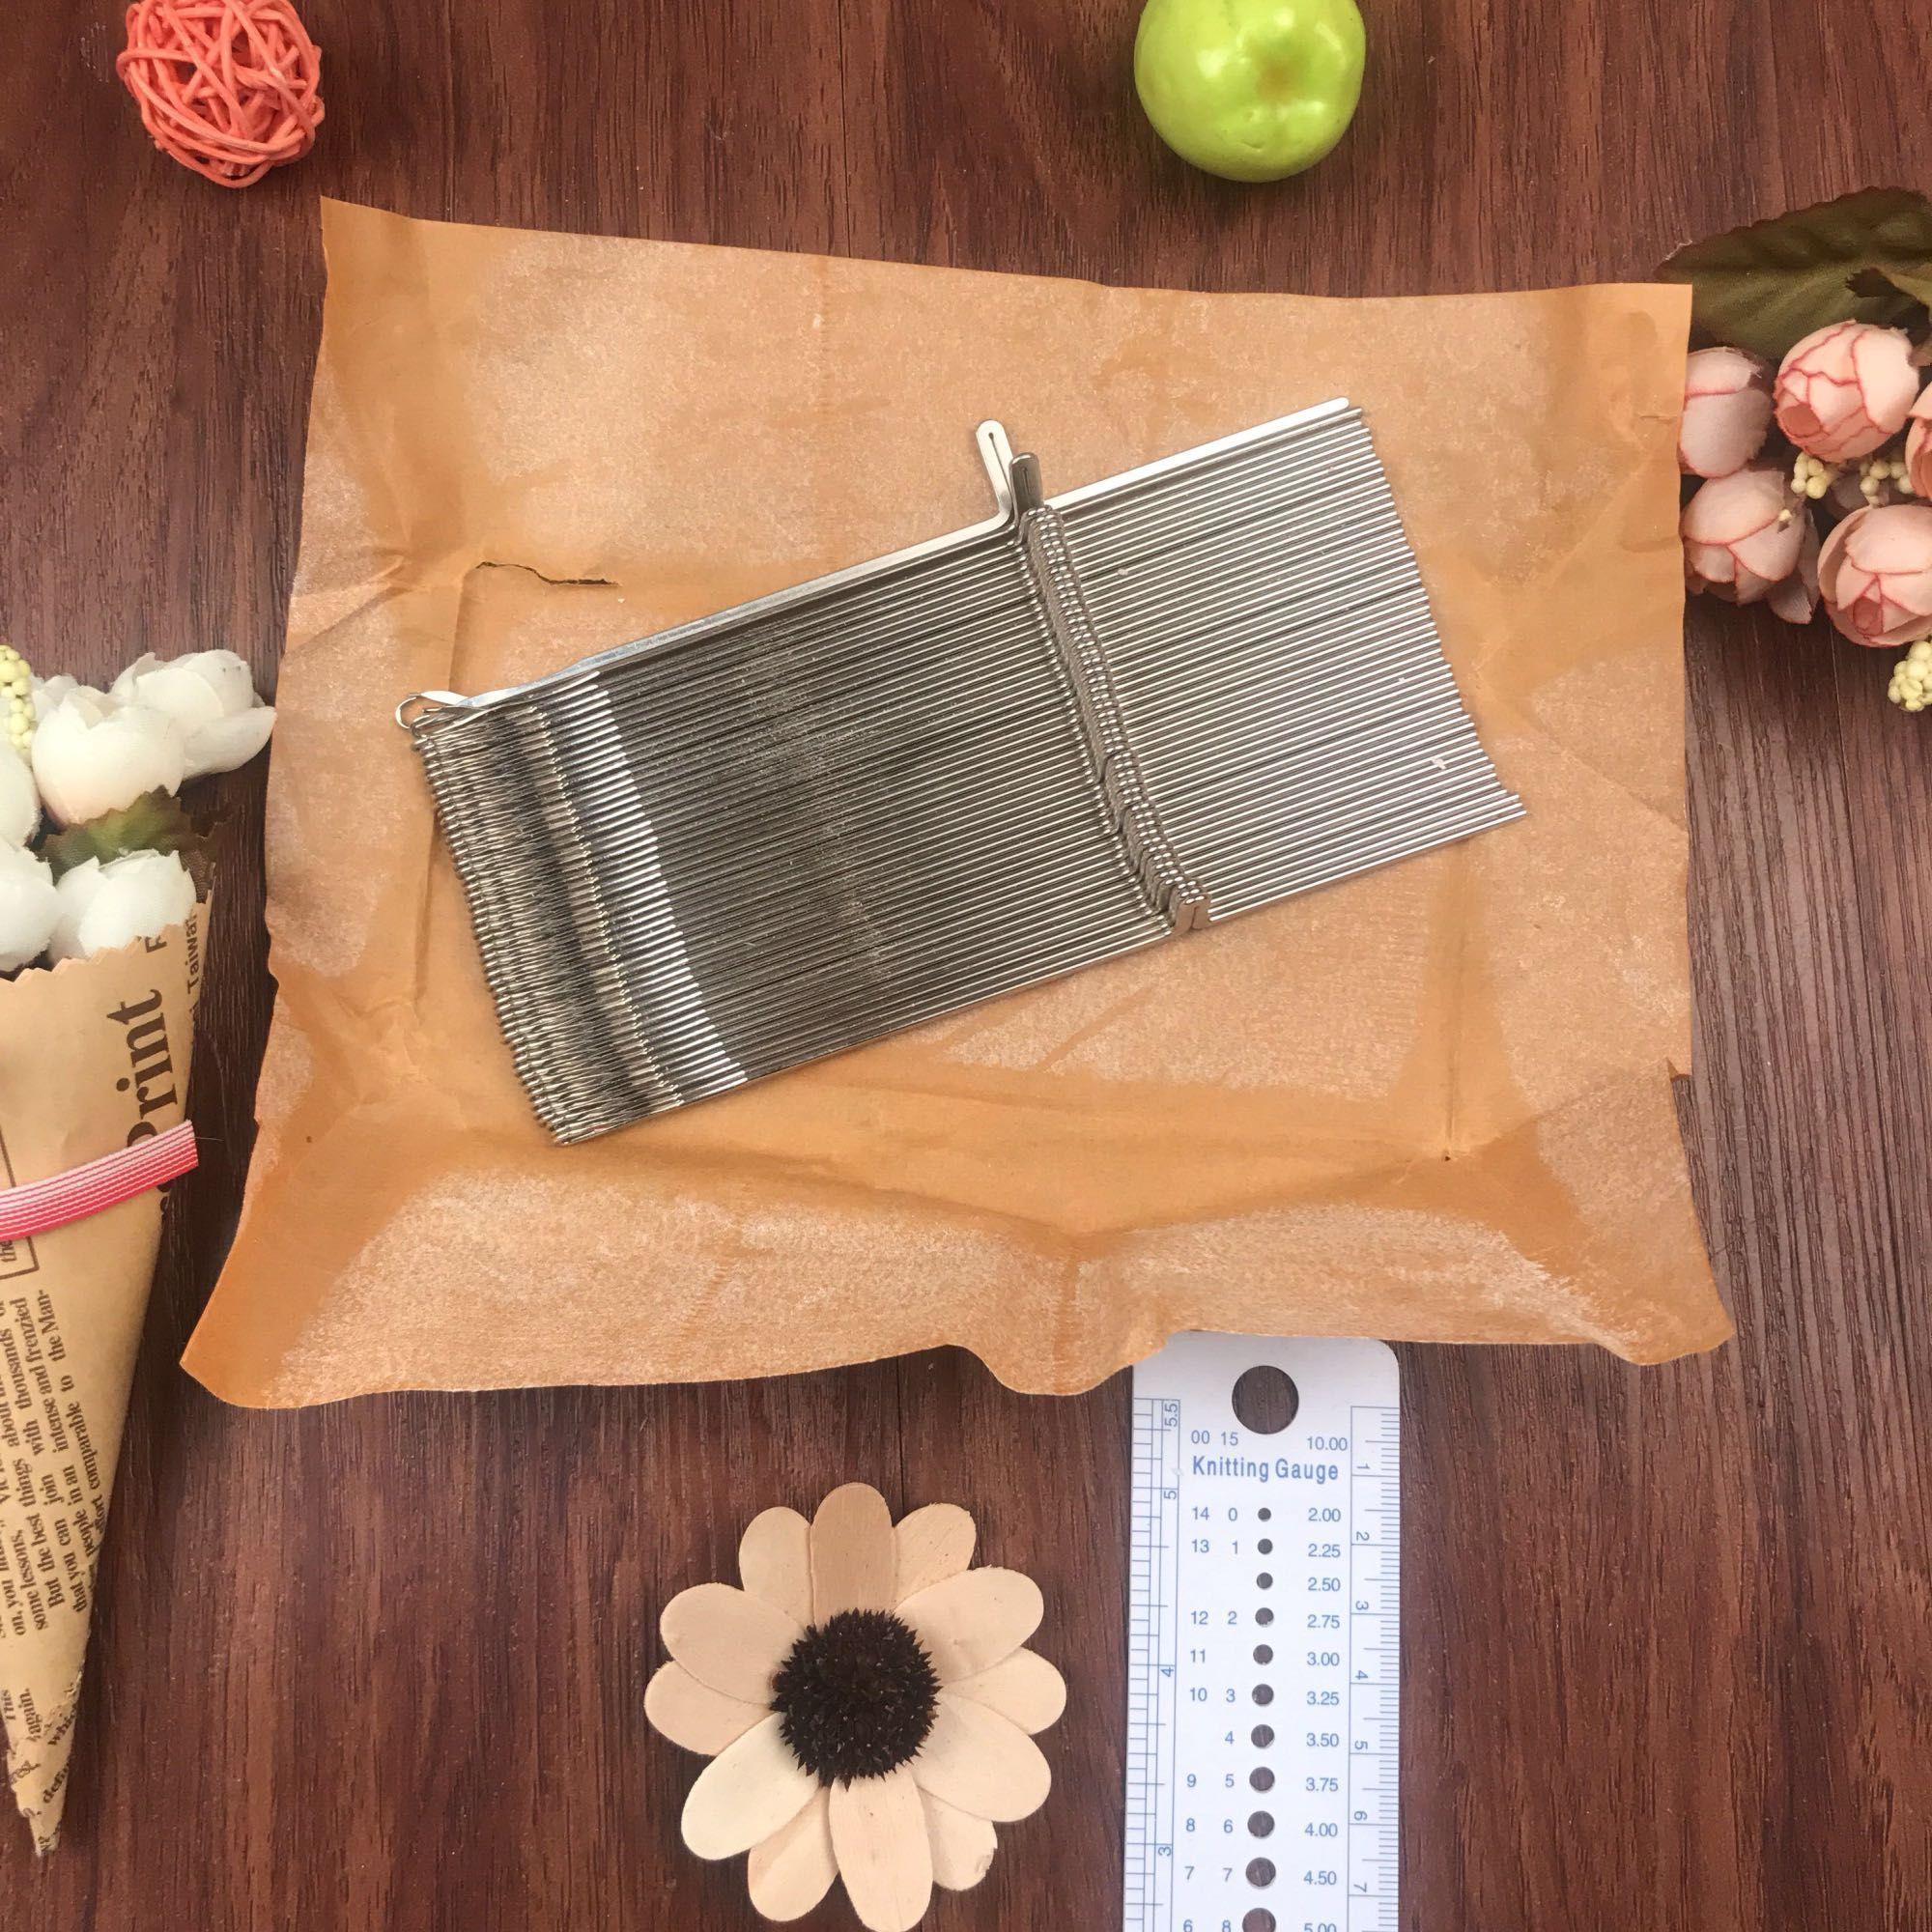 Livraison Gratuite KH860 machine à tricoter crochet aiguilles 13.7 cm 50 pièces FRÈRE/SILVER REED machines raccord